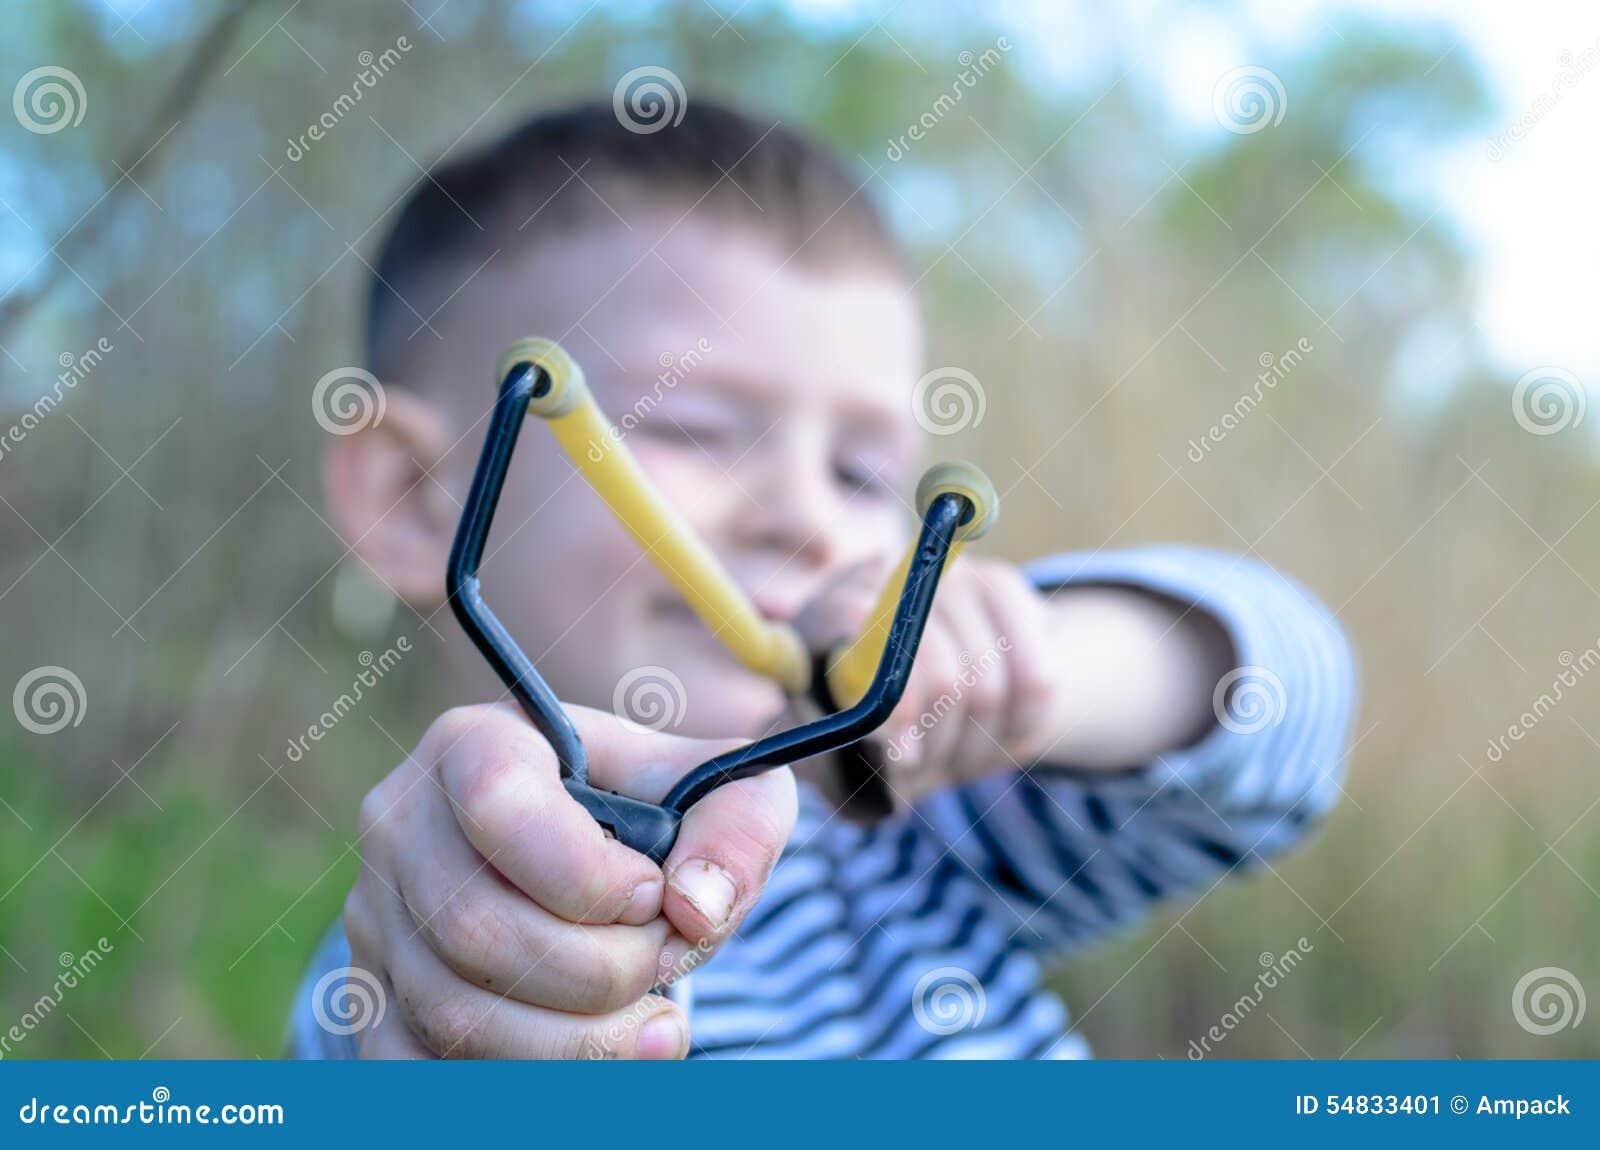 Junge, der Riemen-Schuss auf Kamera abzielt